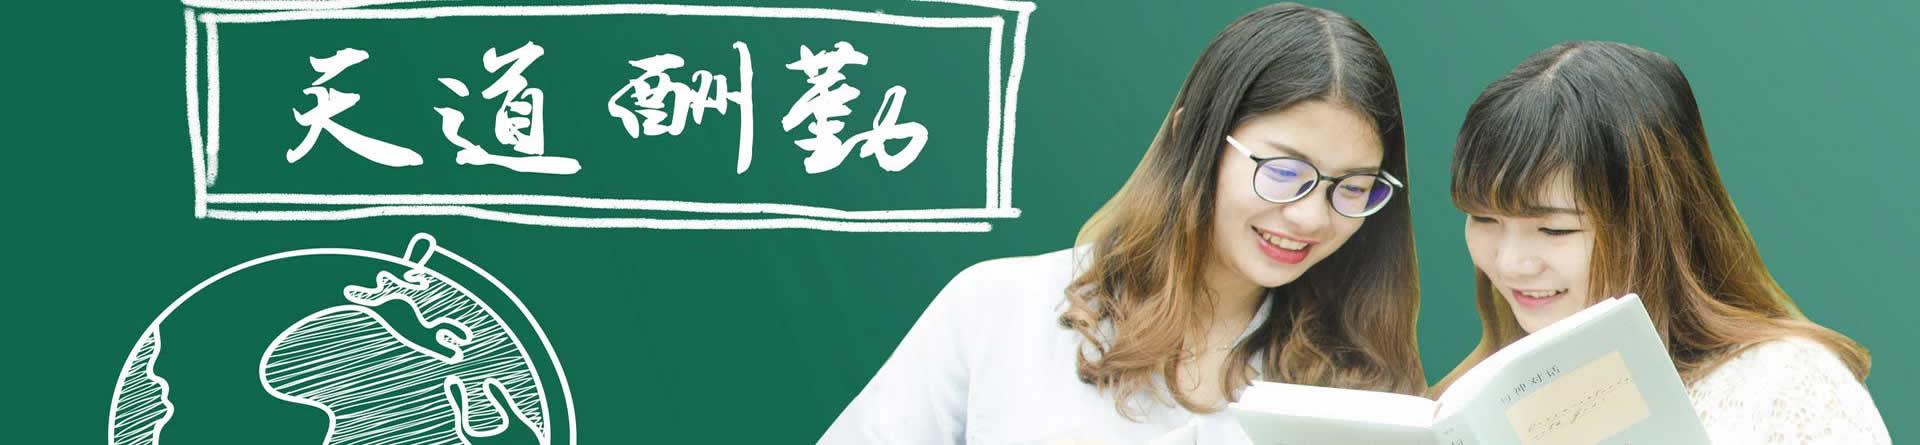 郑州读思教育